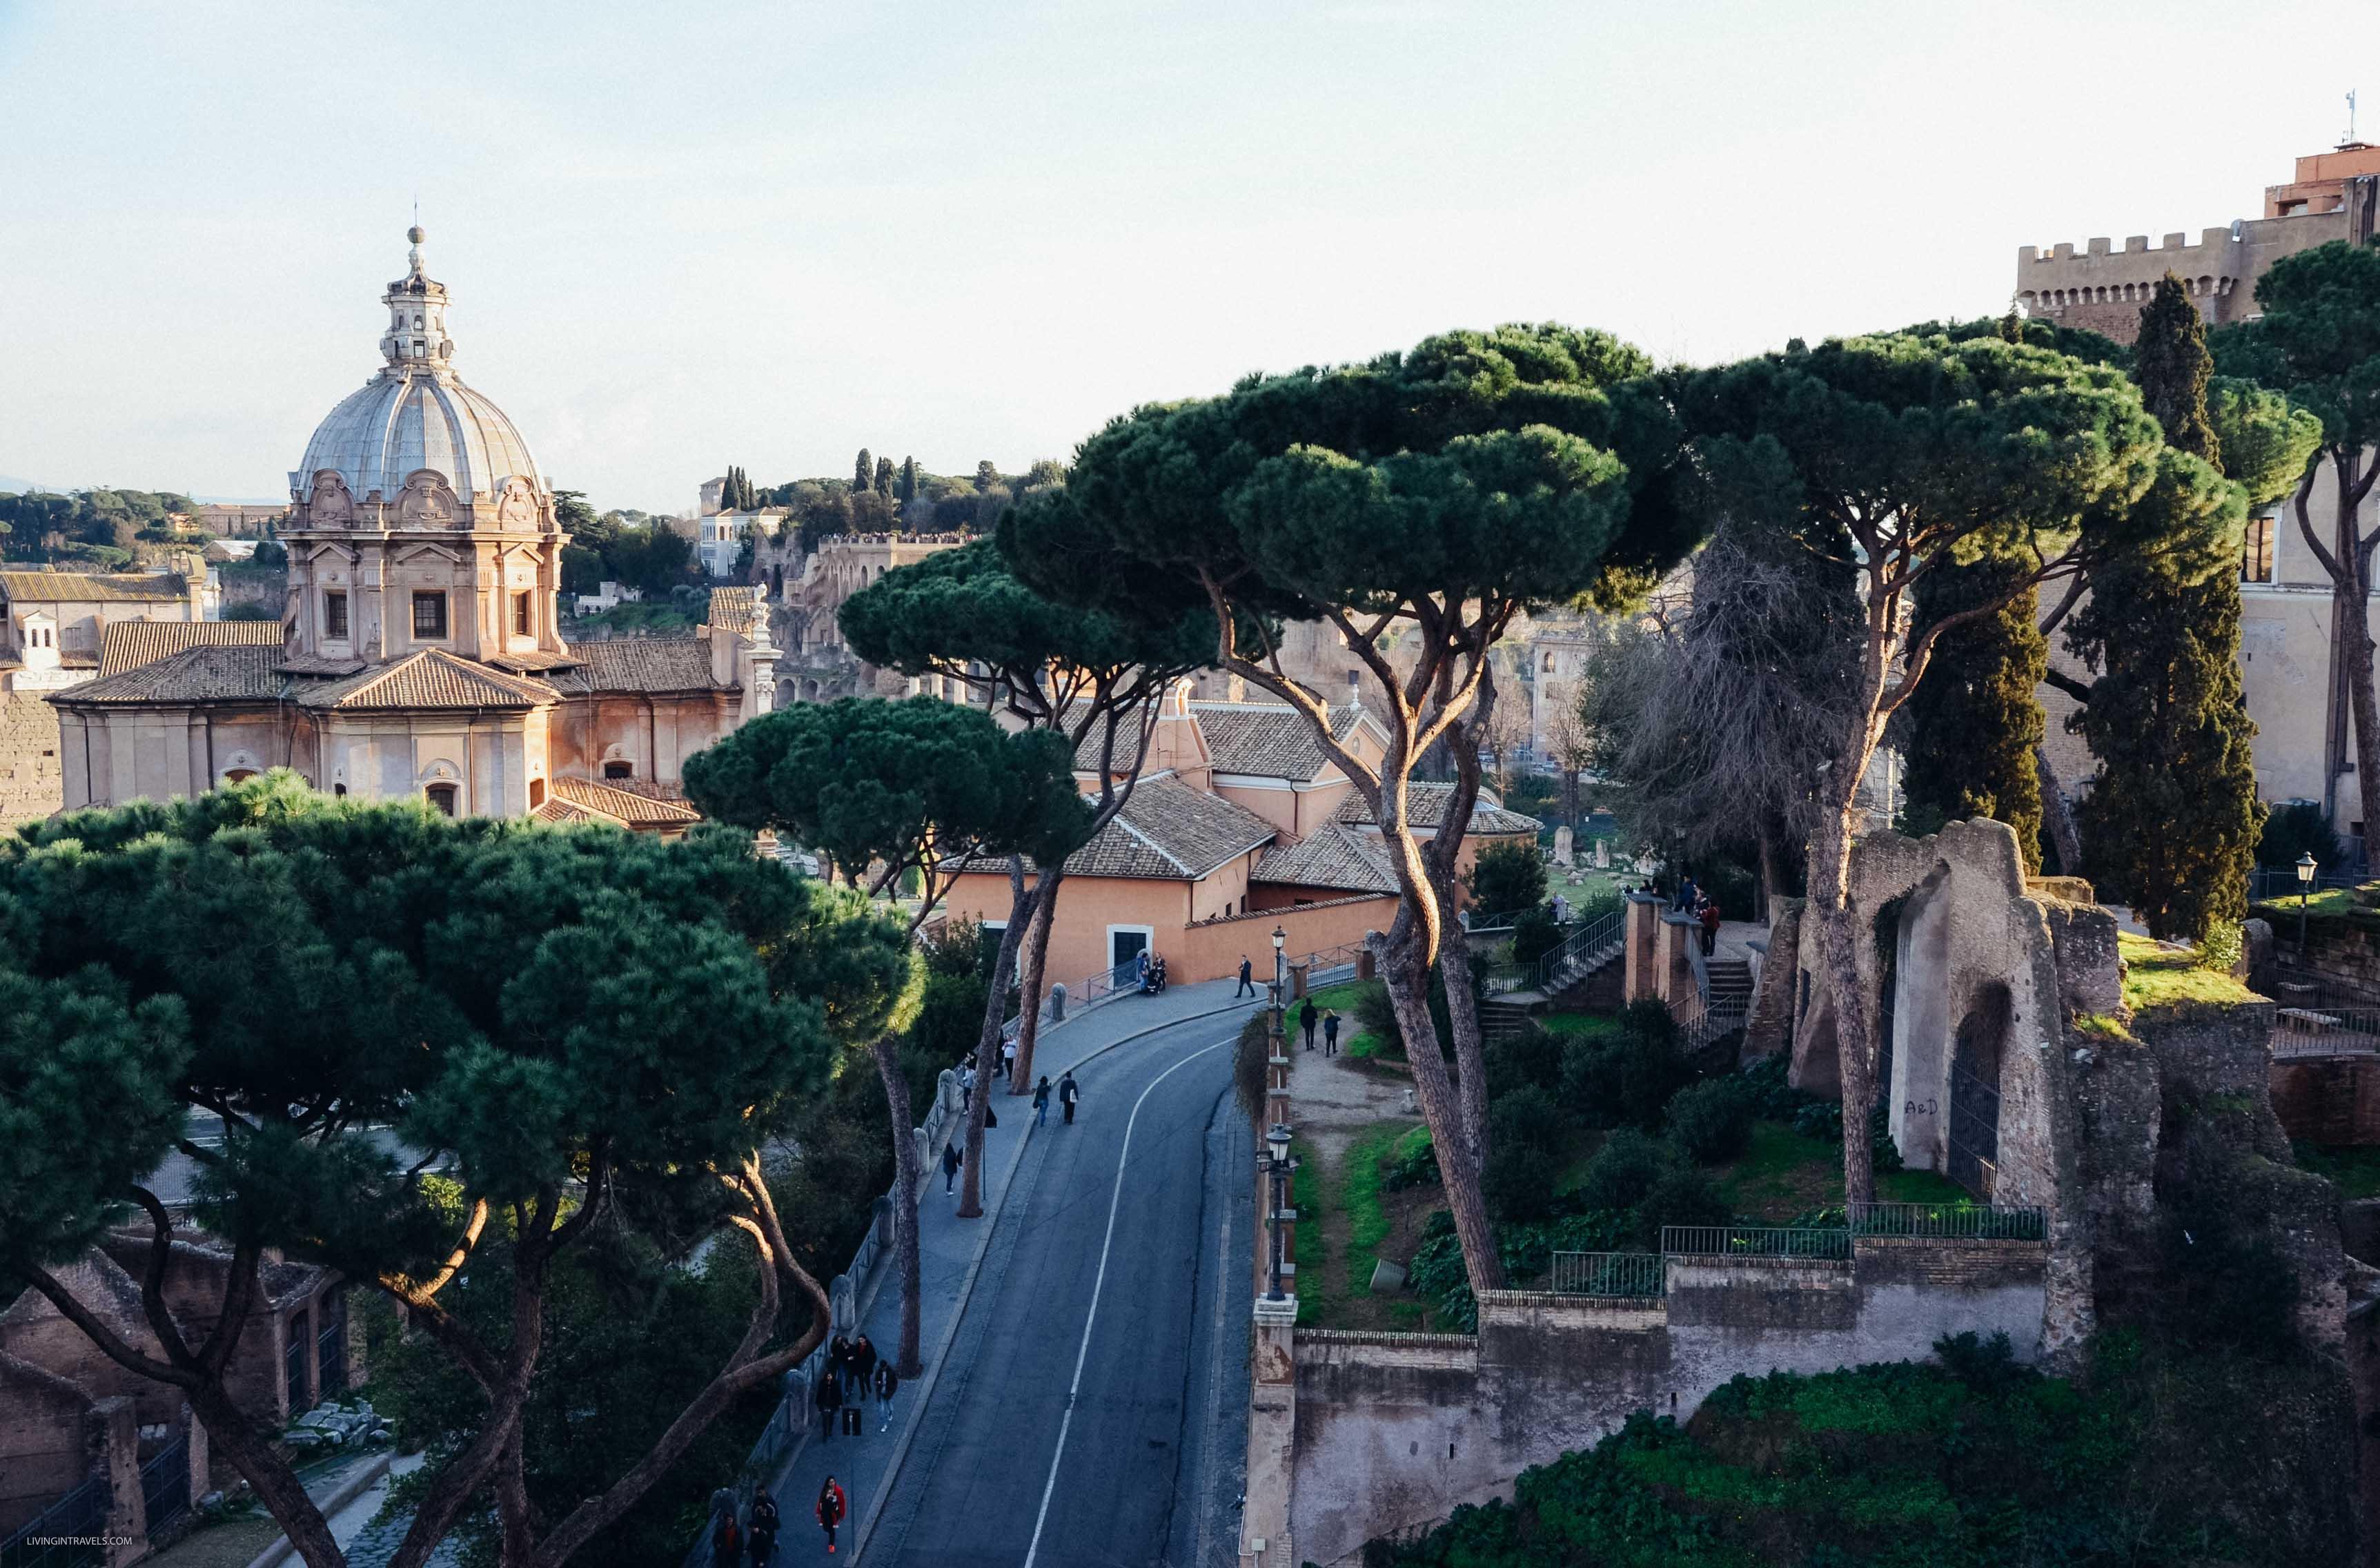 Рим для новичков или как увидеть город бесплатно (почти)